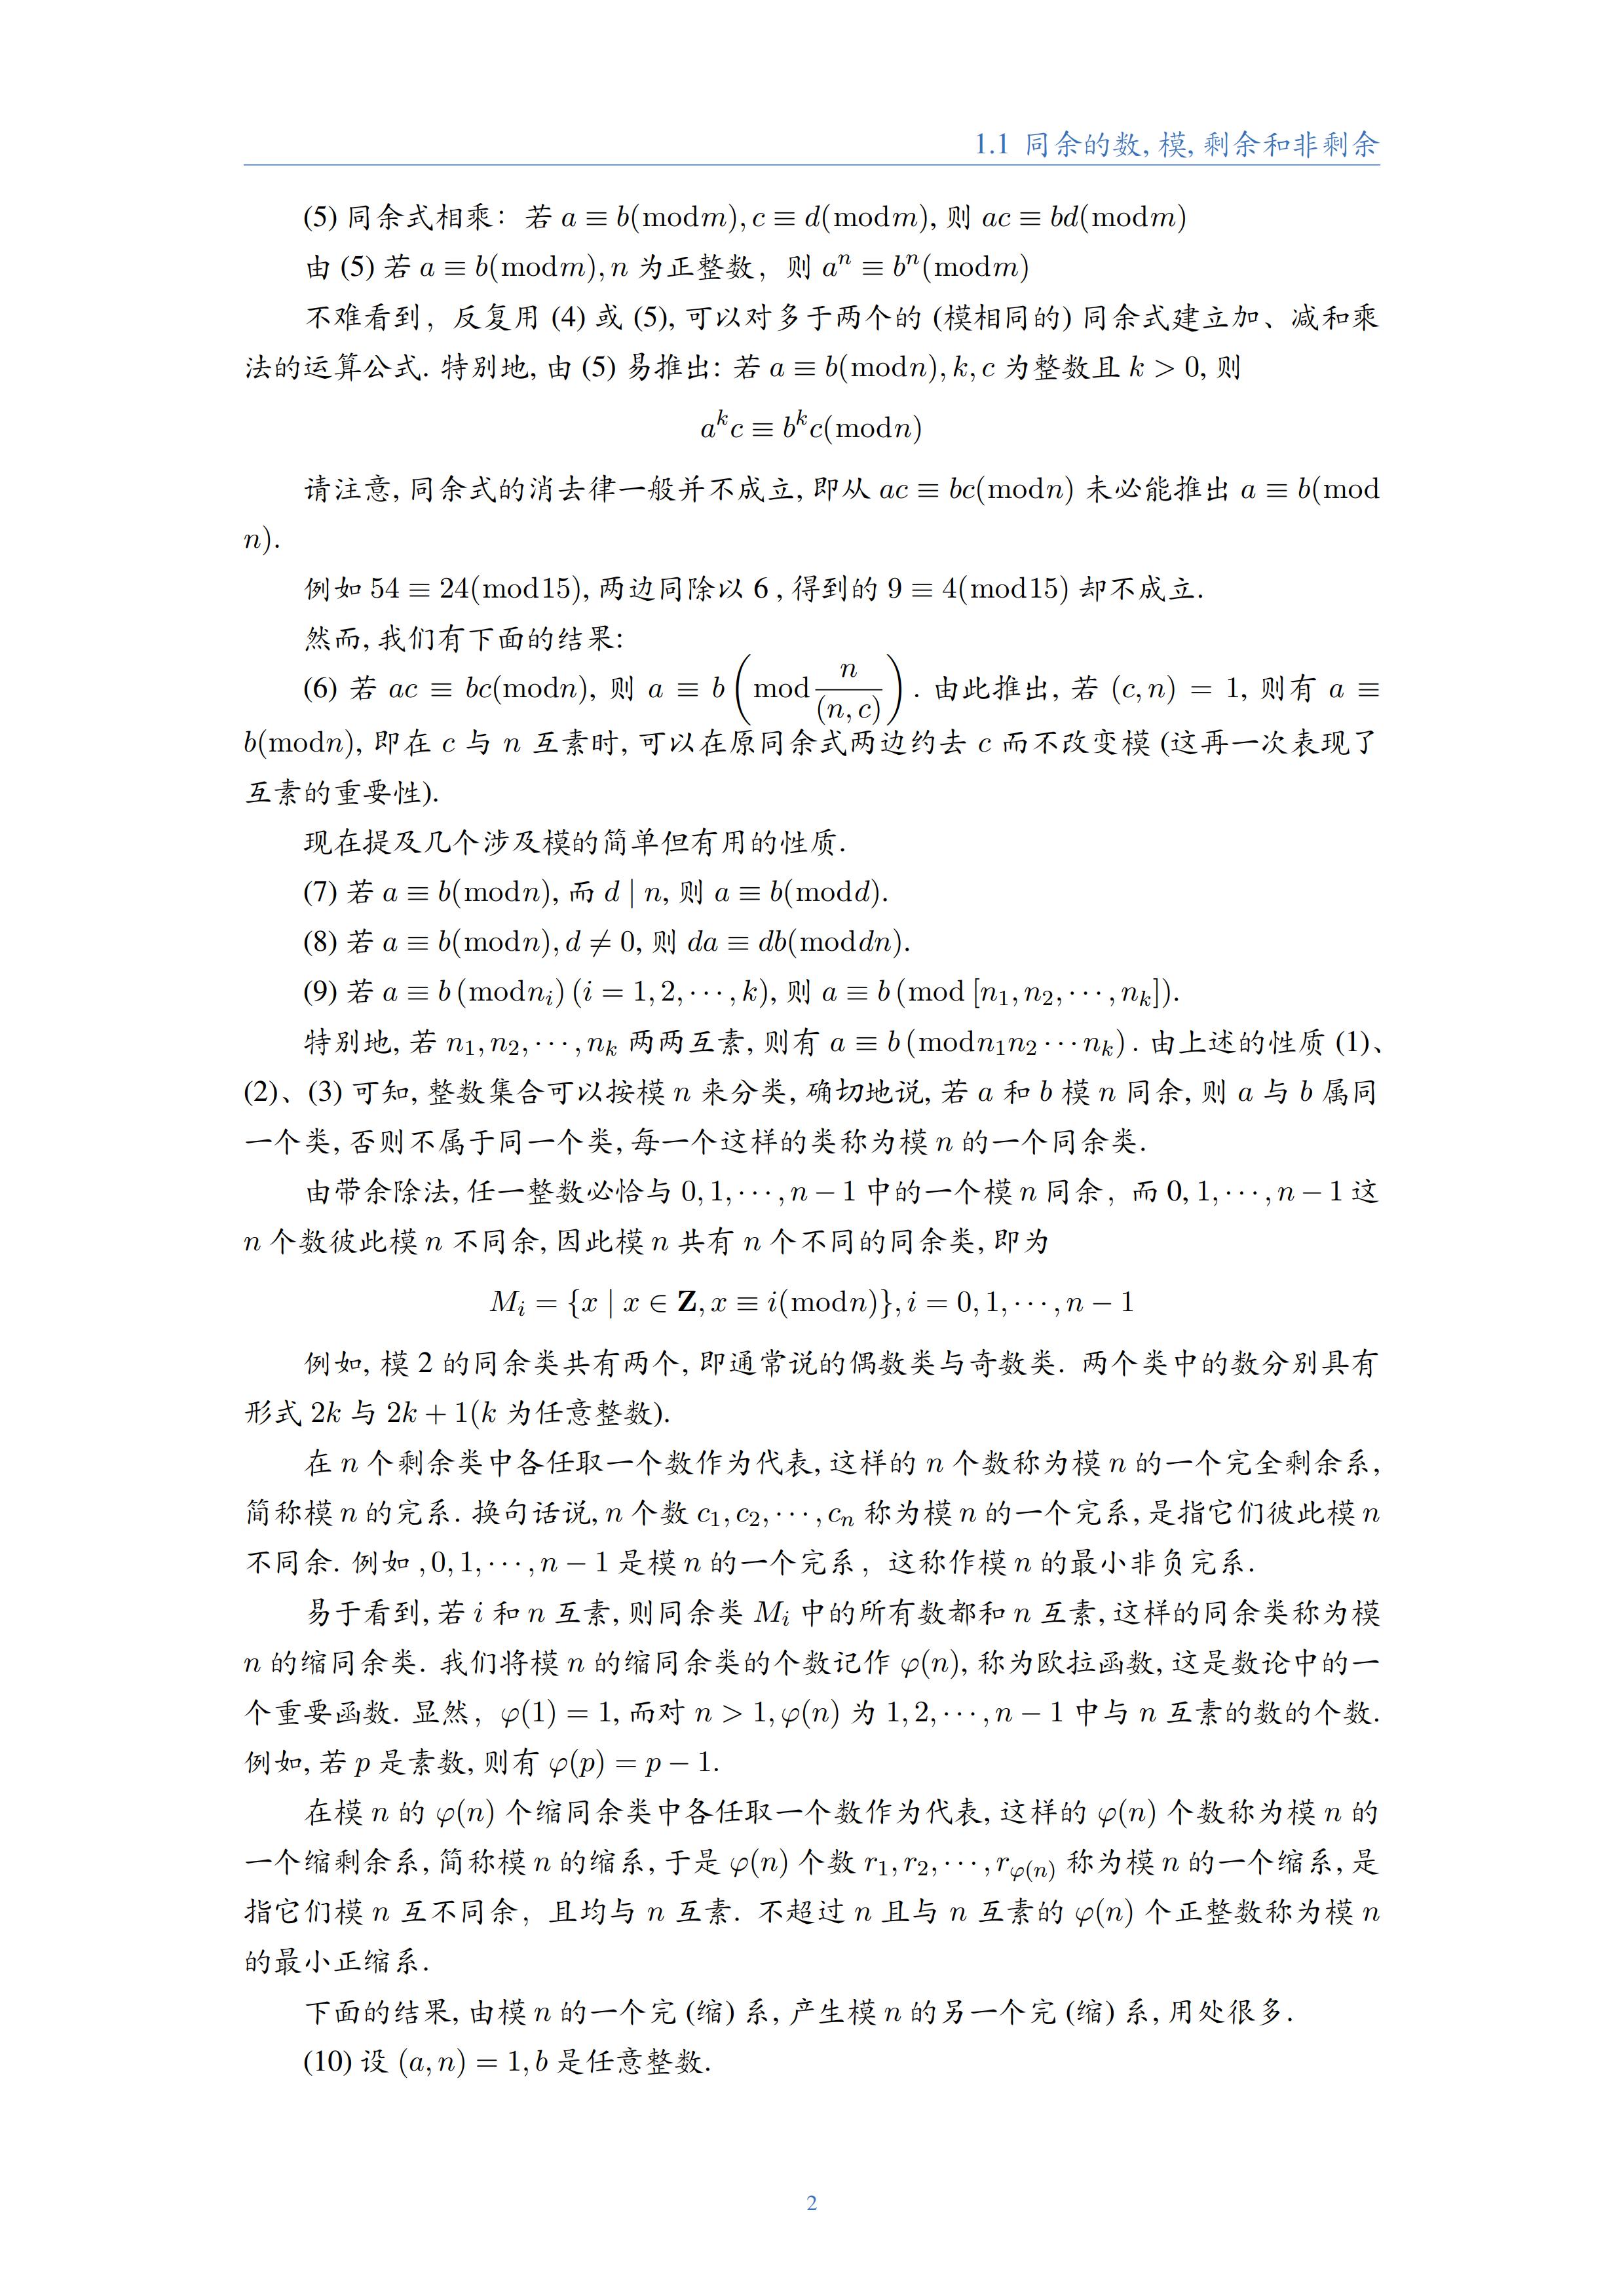 《算术研究》阅读笔记